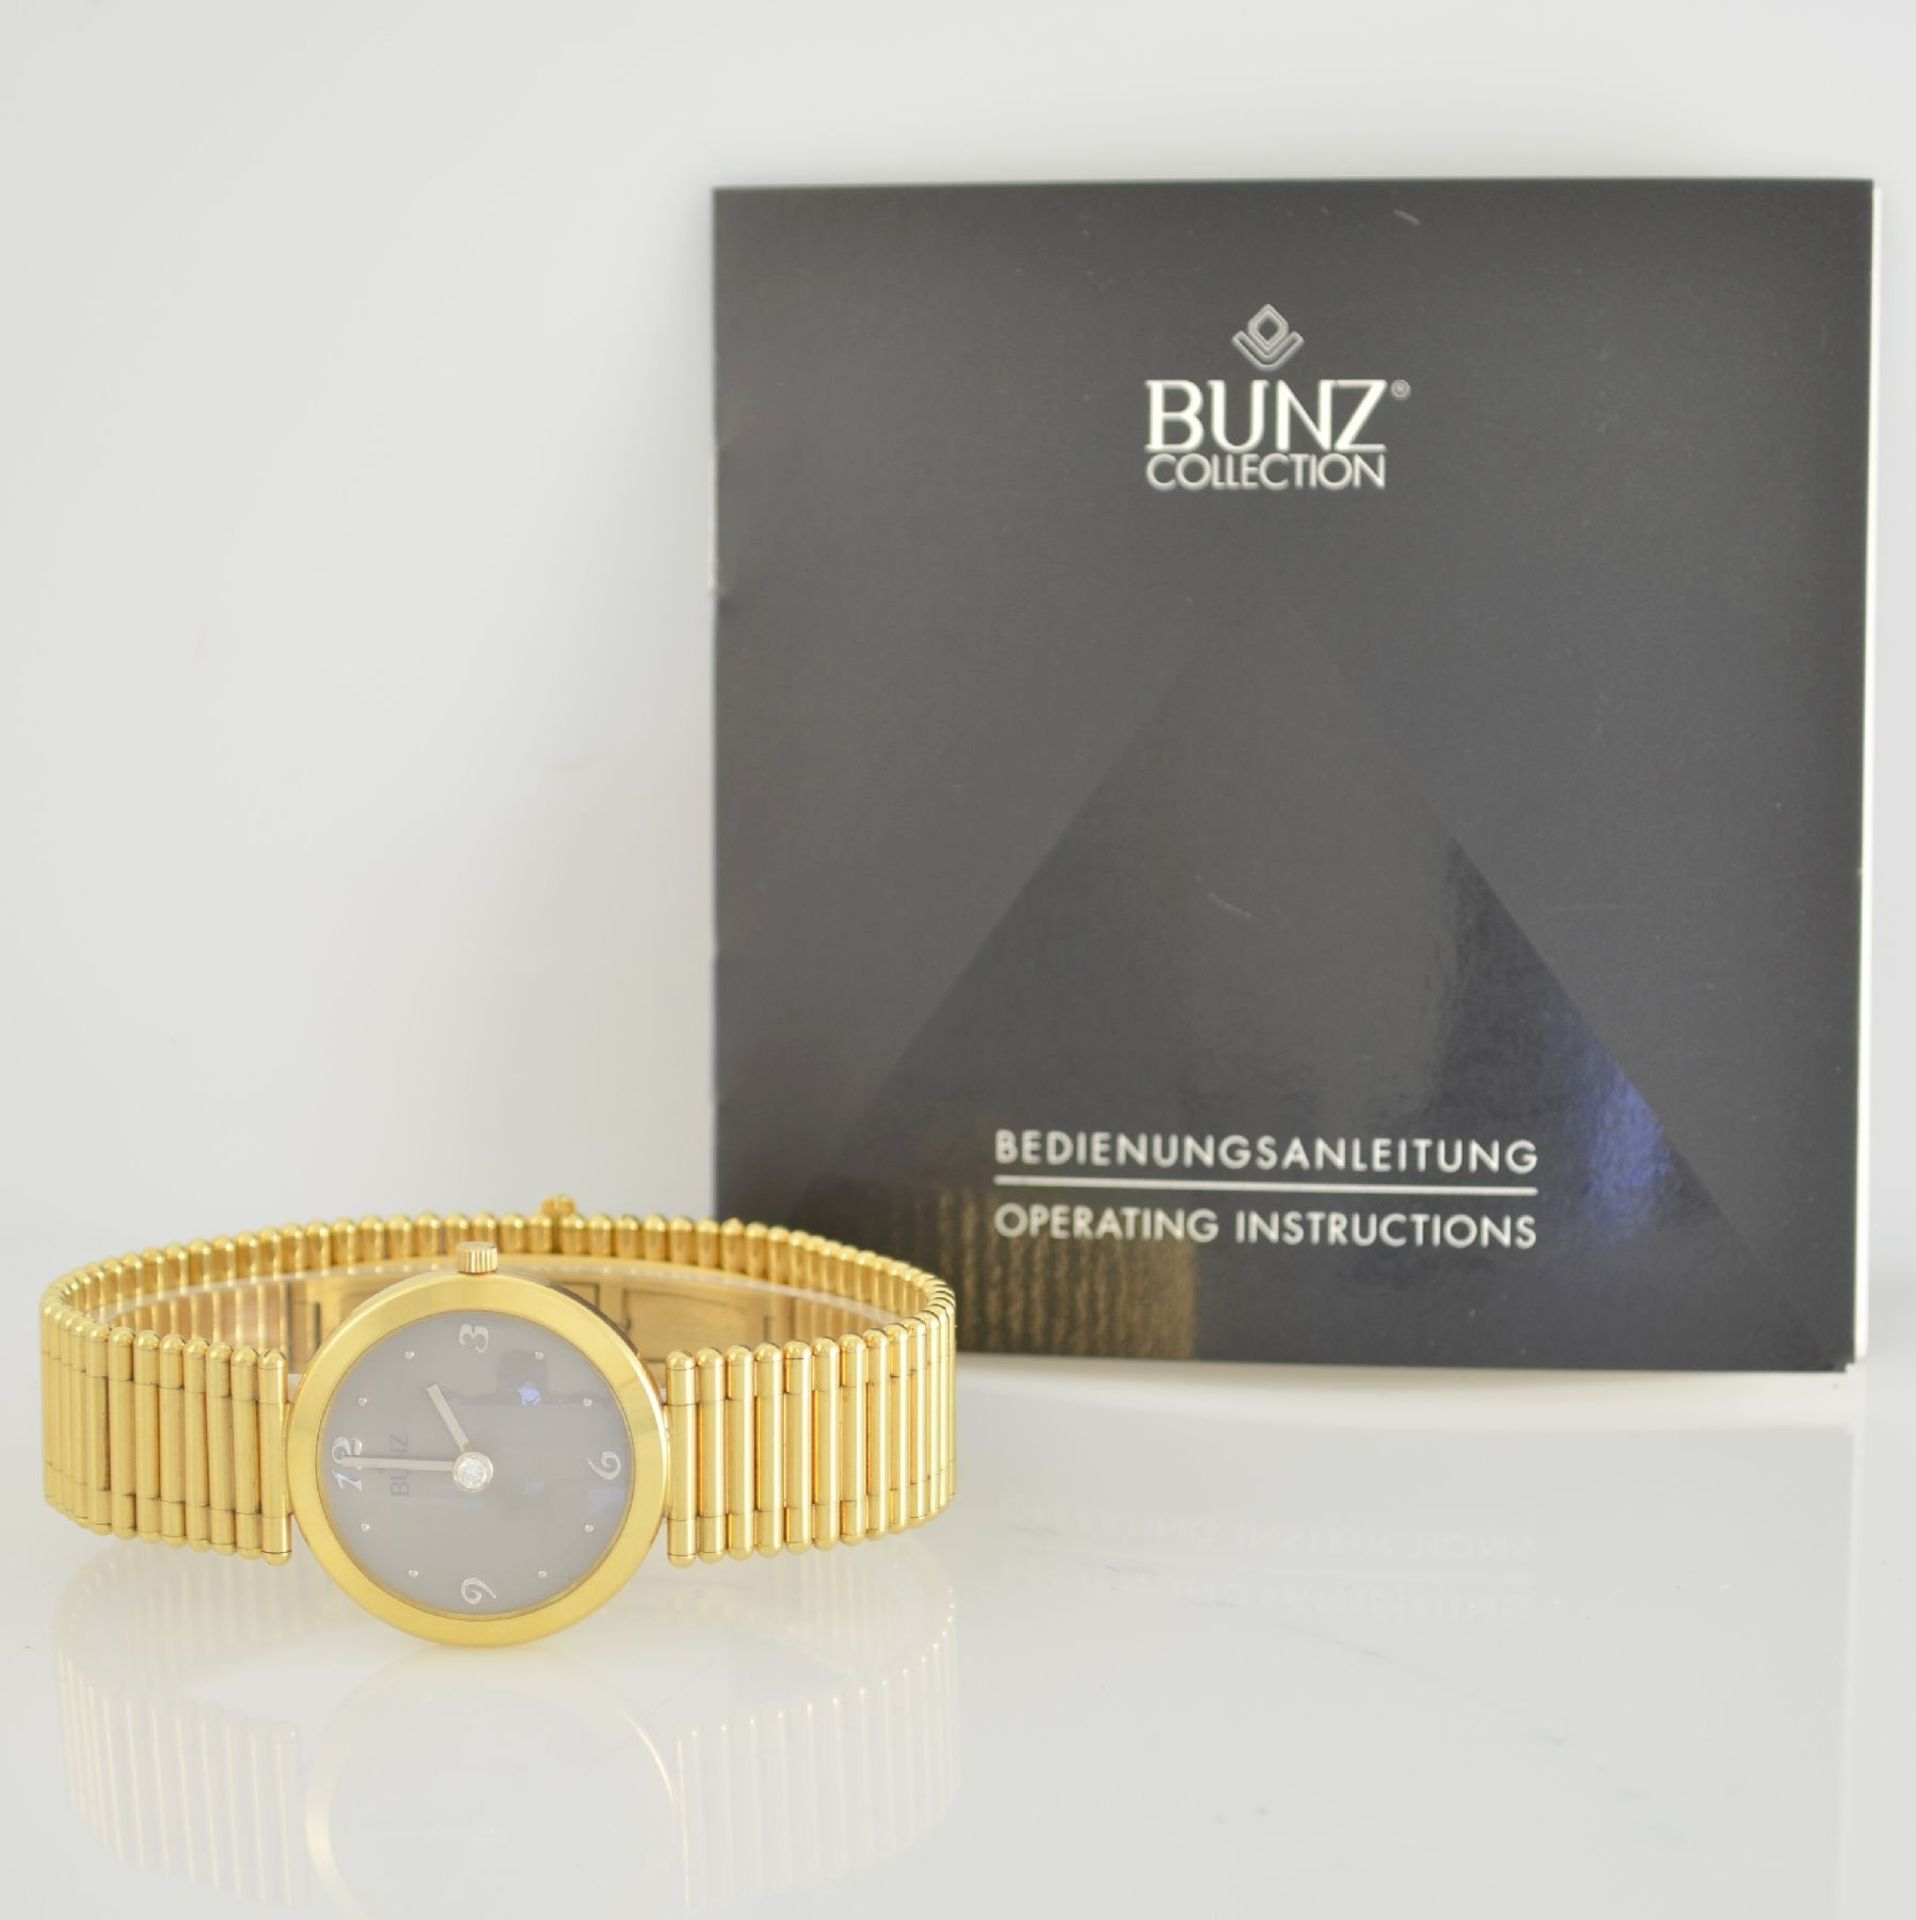 """BUNZ Damenarmbanduhr """"Diamondwatch"""" in GG 750/000, 5-fach verschr. Geh. mit integr. GG 750/000 - Bild 9 aus 9"""